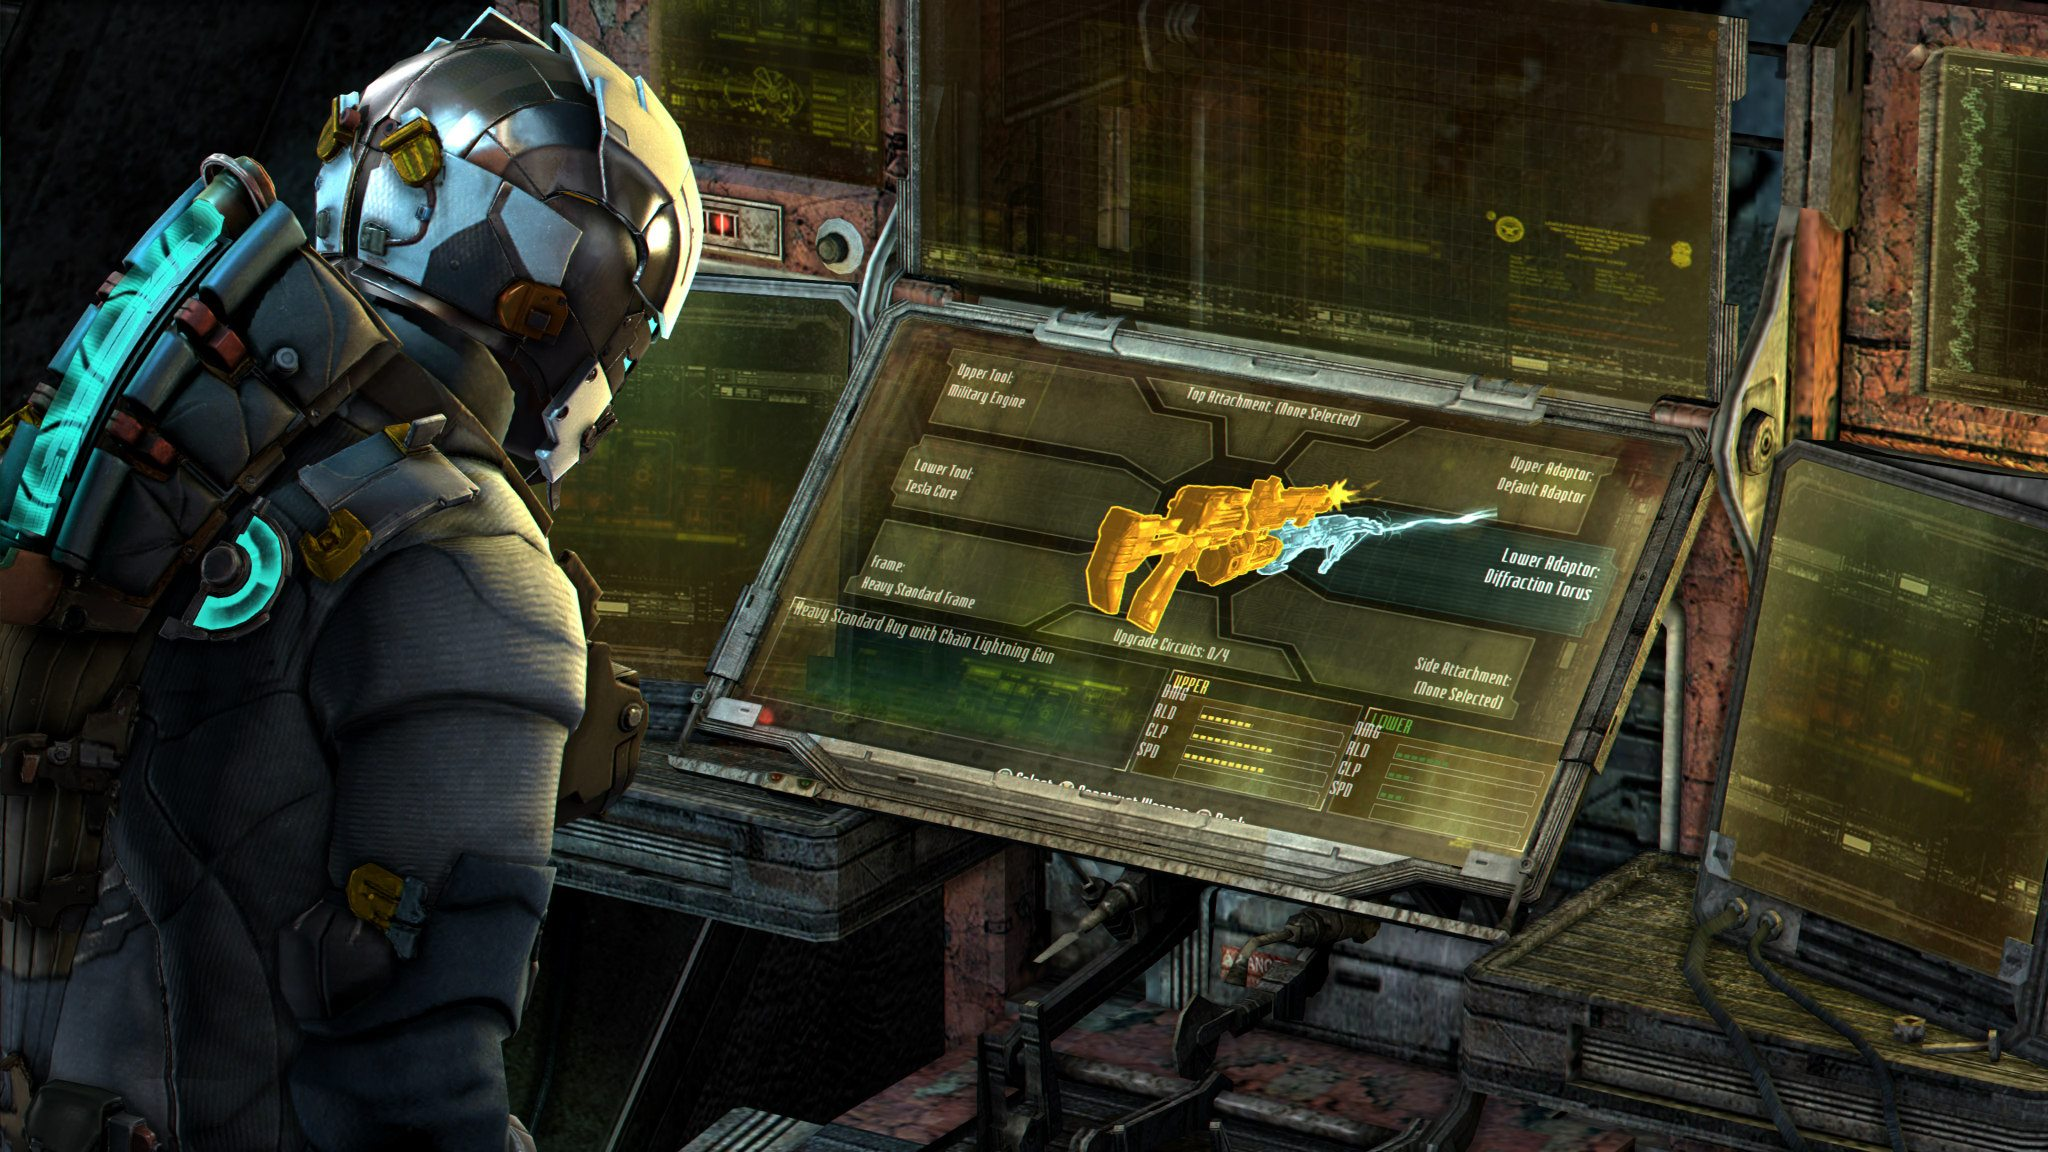 Electronic Arts опубликовала 10-ть новых скриншотов Dead Space 3 - TechnoDaily: Гид в мире гаджетов